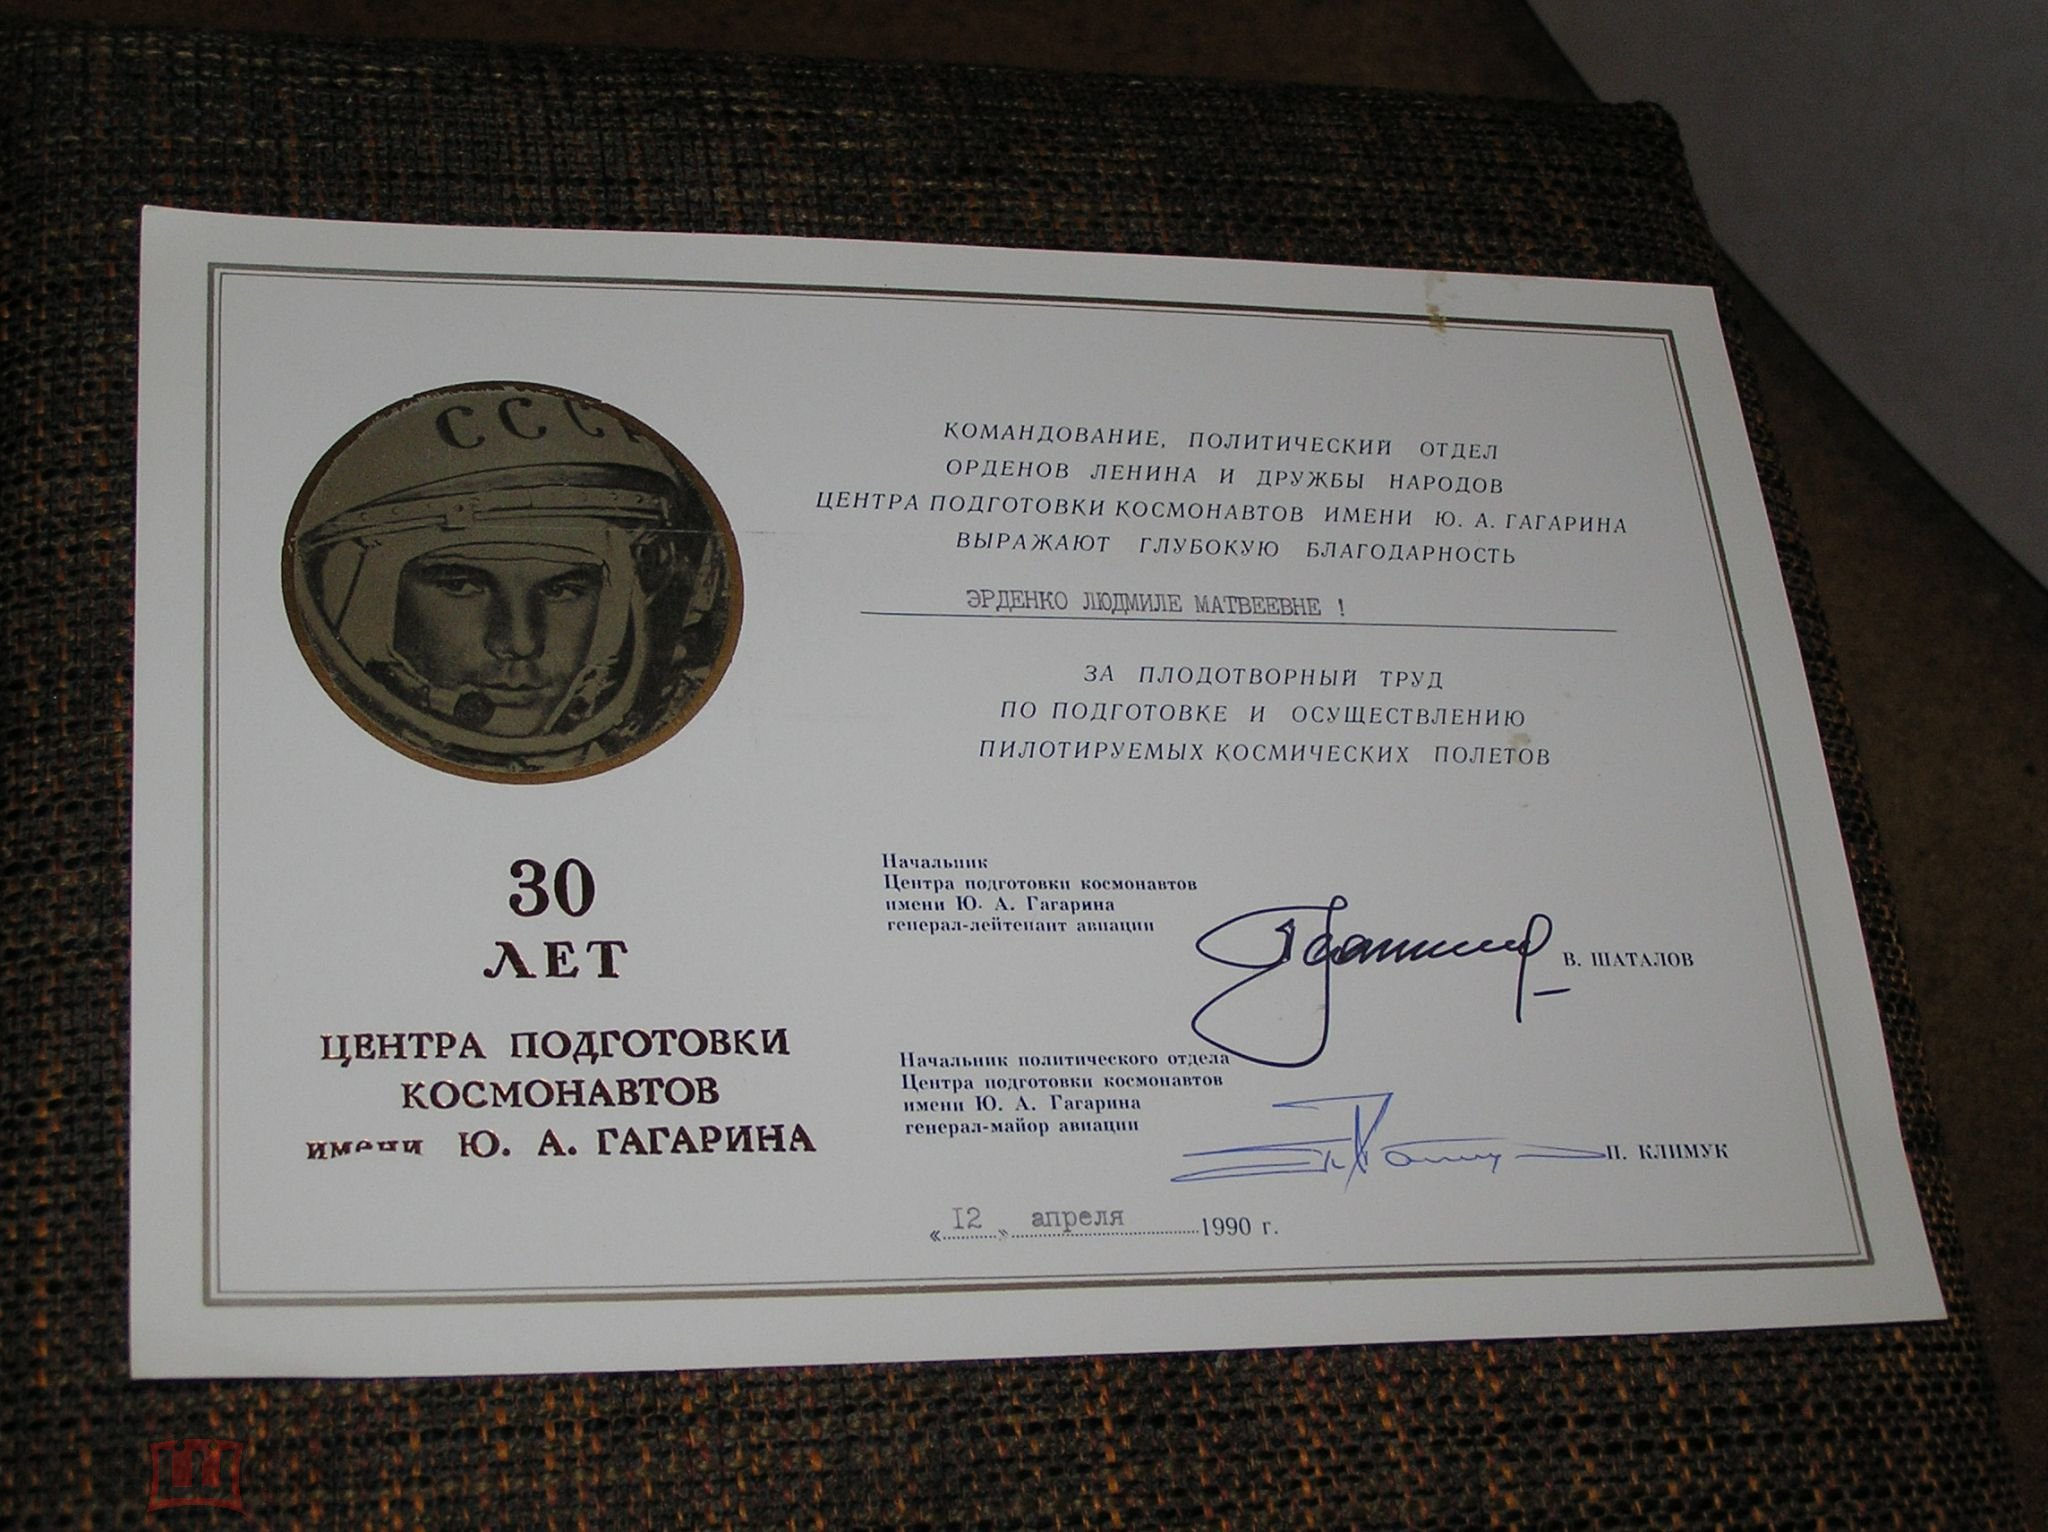 Диплом имени Ю А Гагарина за подписью космонавтов А Леонова и П  Все фото на одной странице